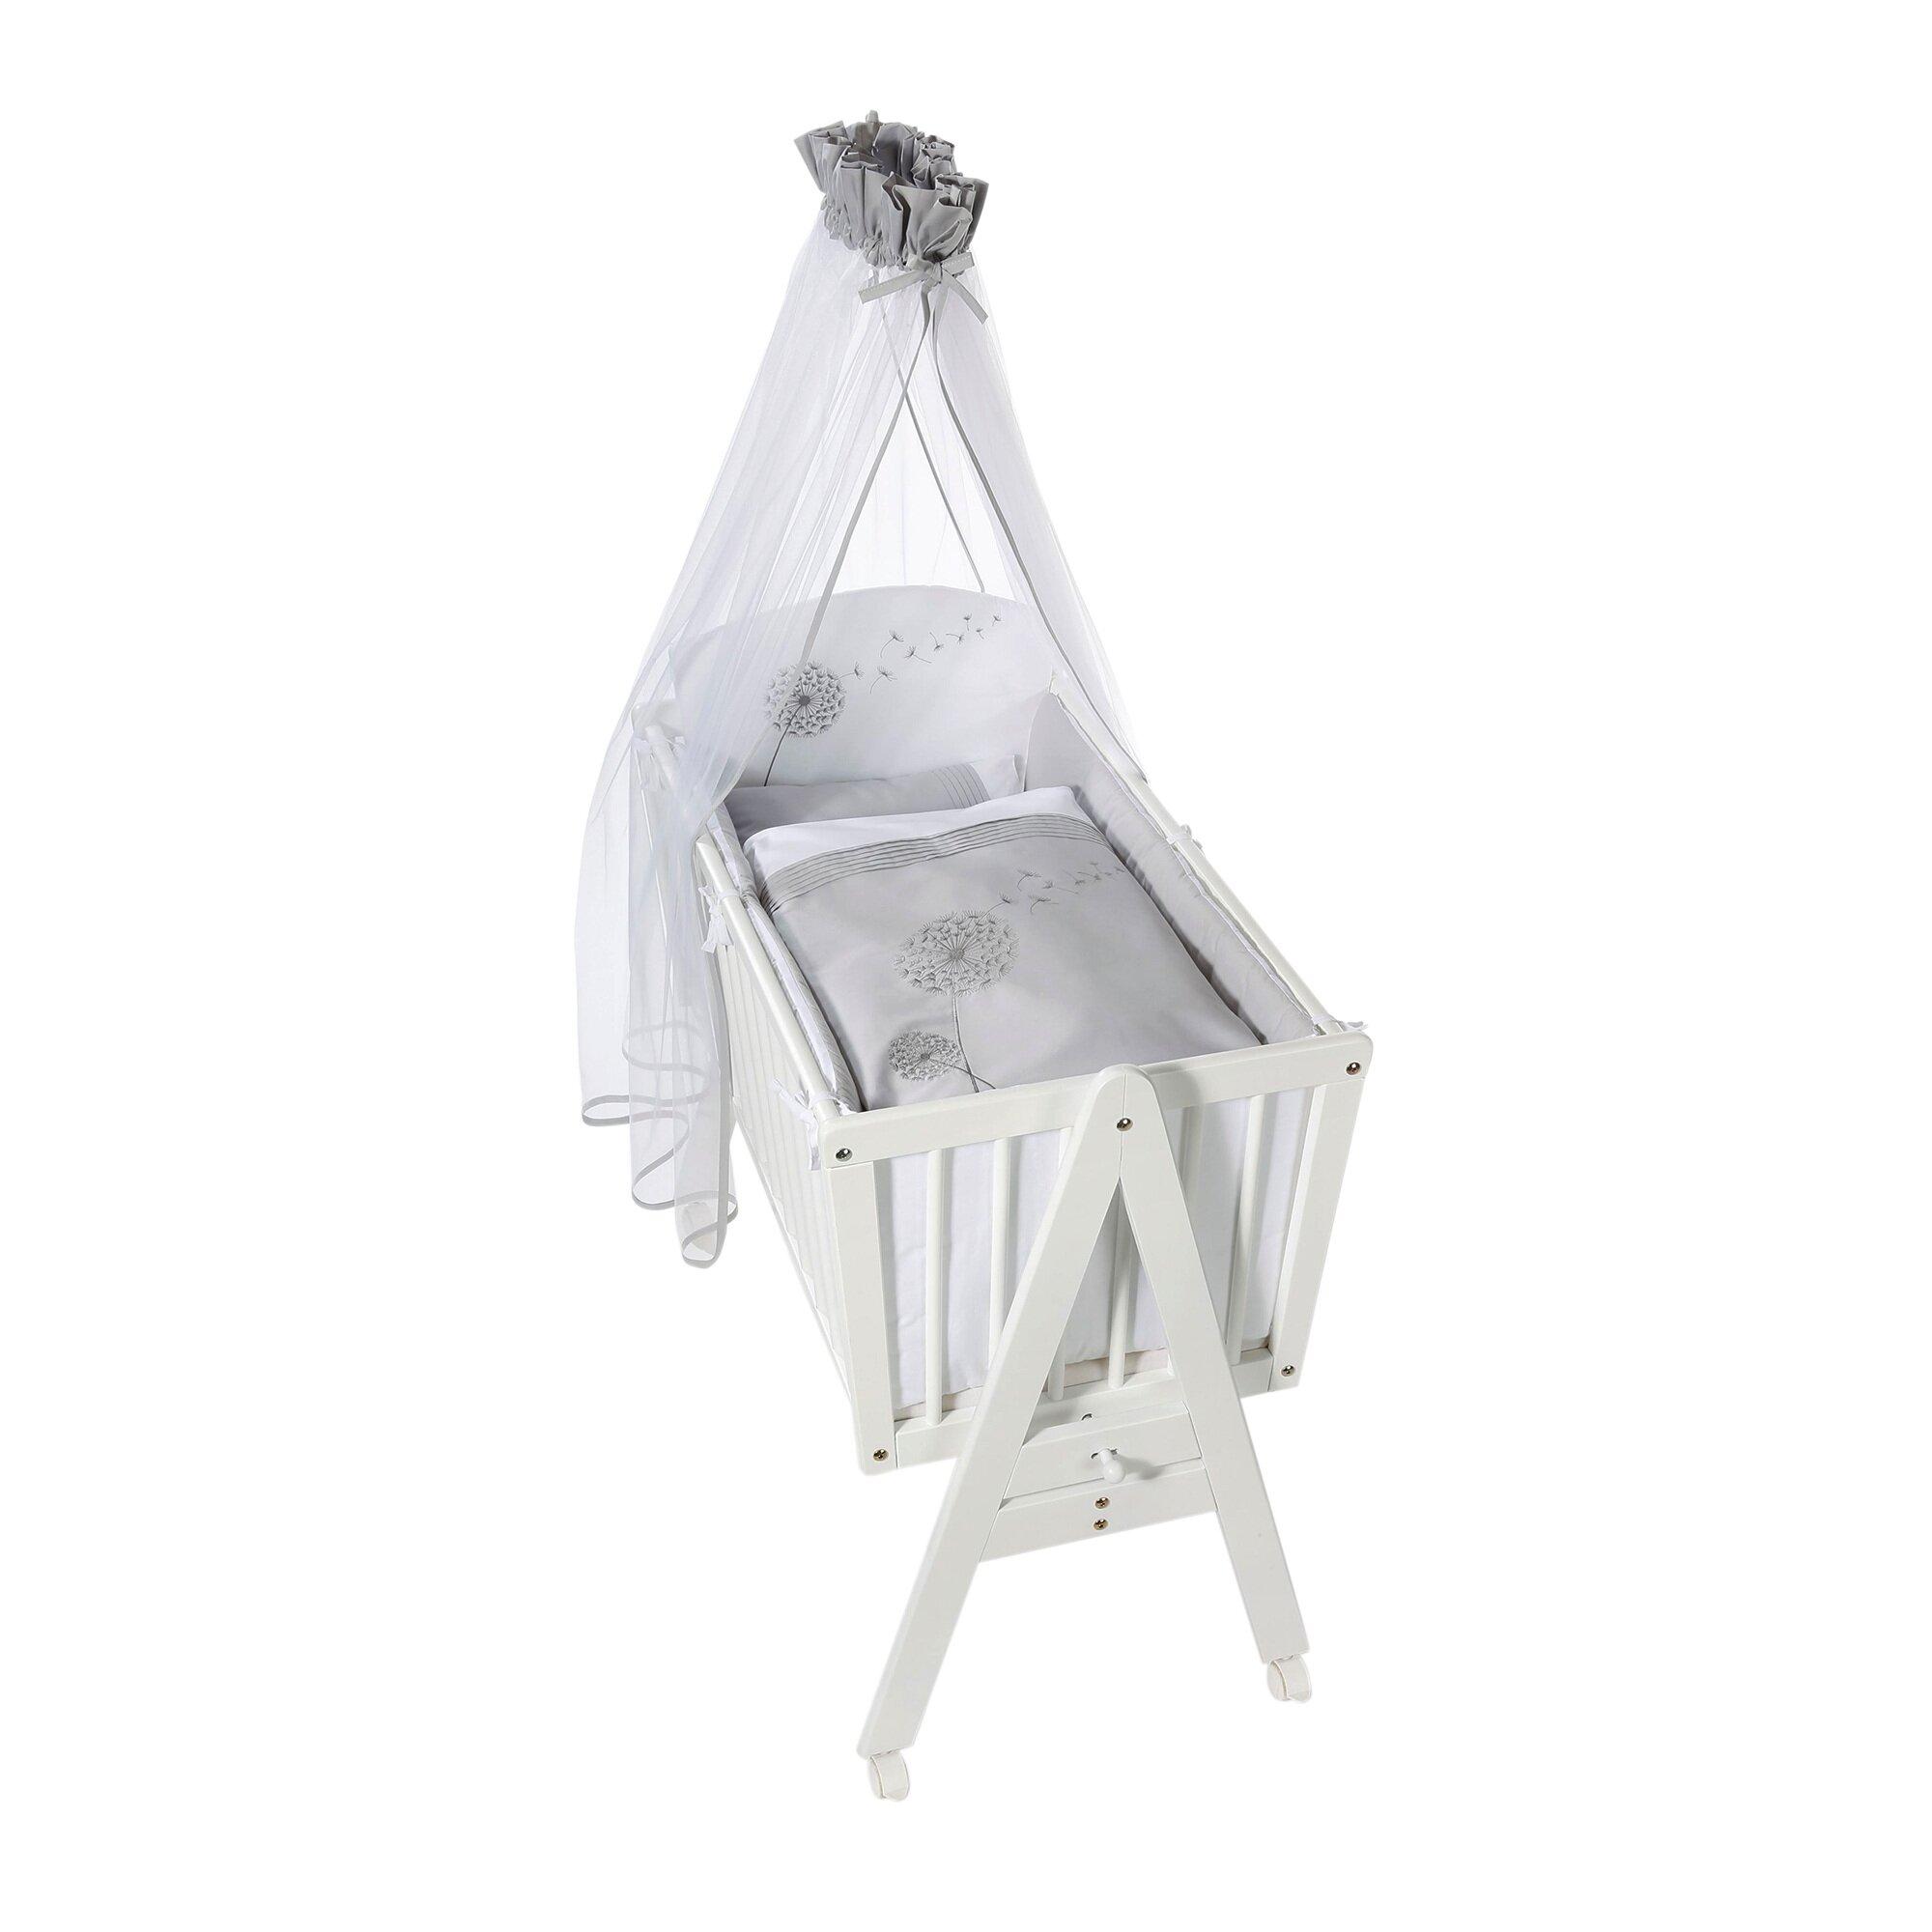 nestchen babywiege preisvergleiche erfahrungsberichte. Black Bedroom Furniture Sets. Home Design Ideas